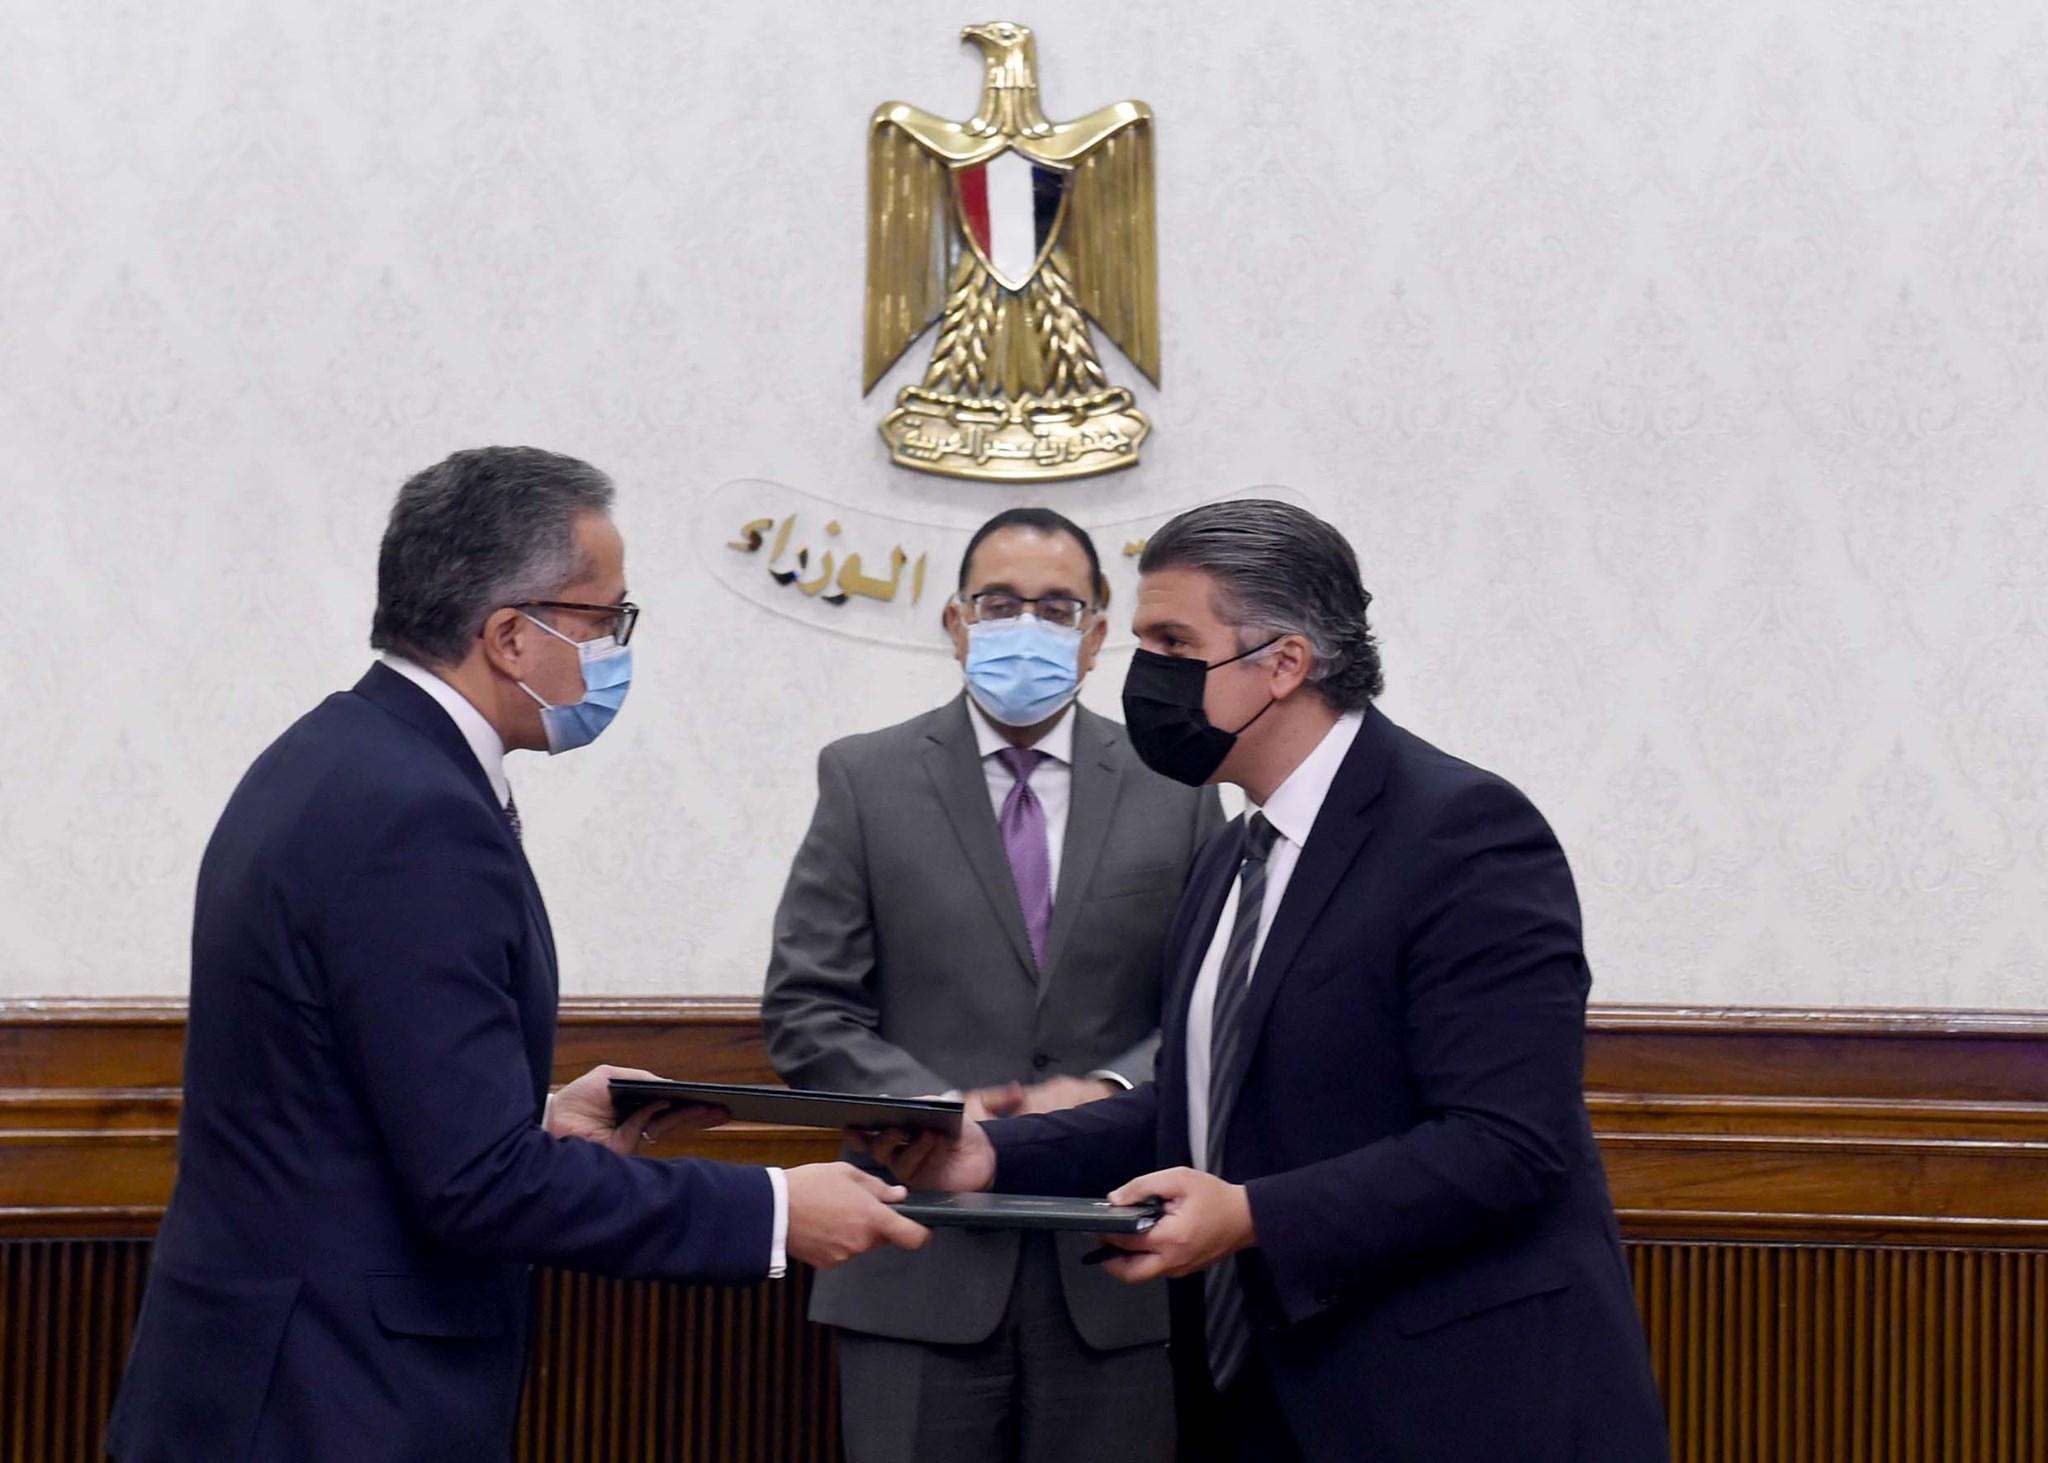 رئيس الوزراء يشهد مراسم التعاقد مع التحالف الفائز بتشغيل الخدمات بالمتحف المصري الكبير